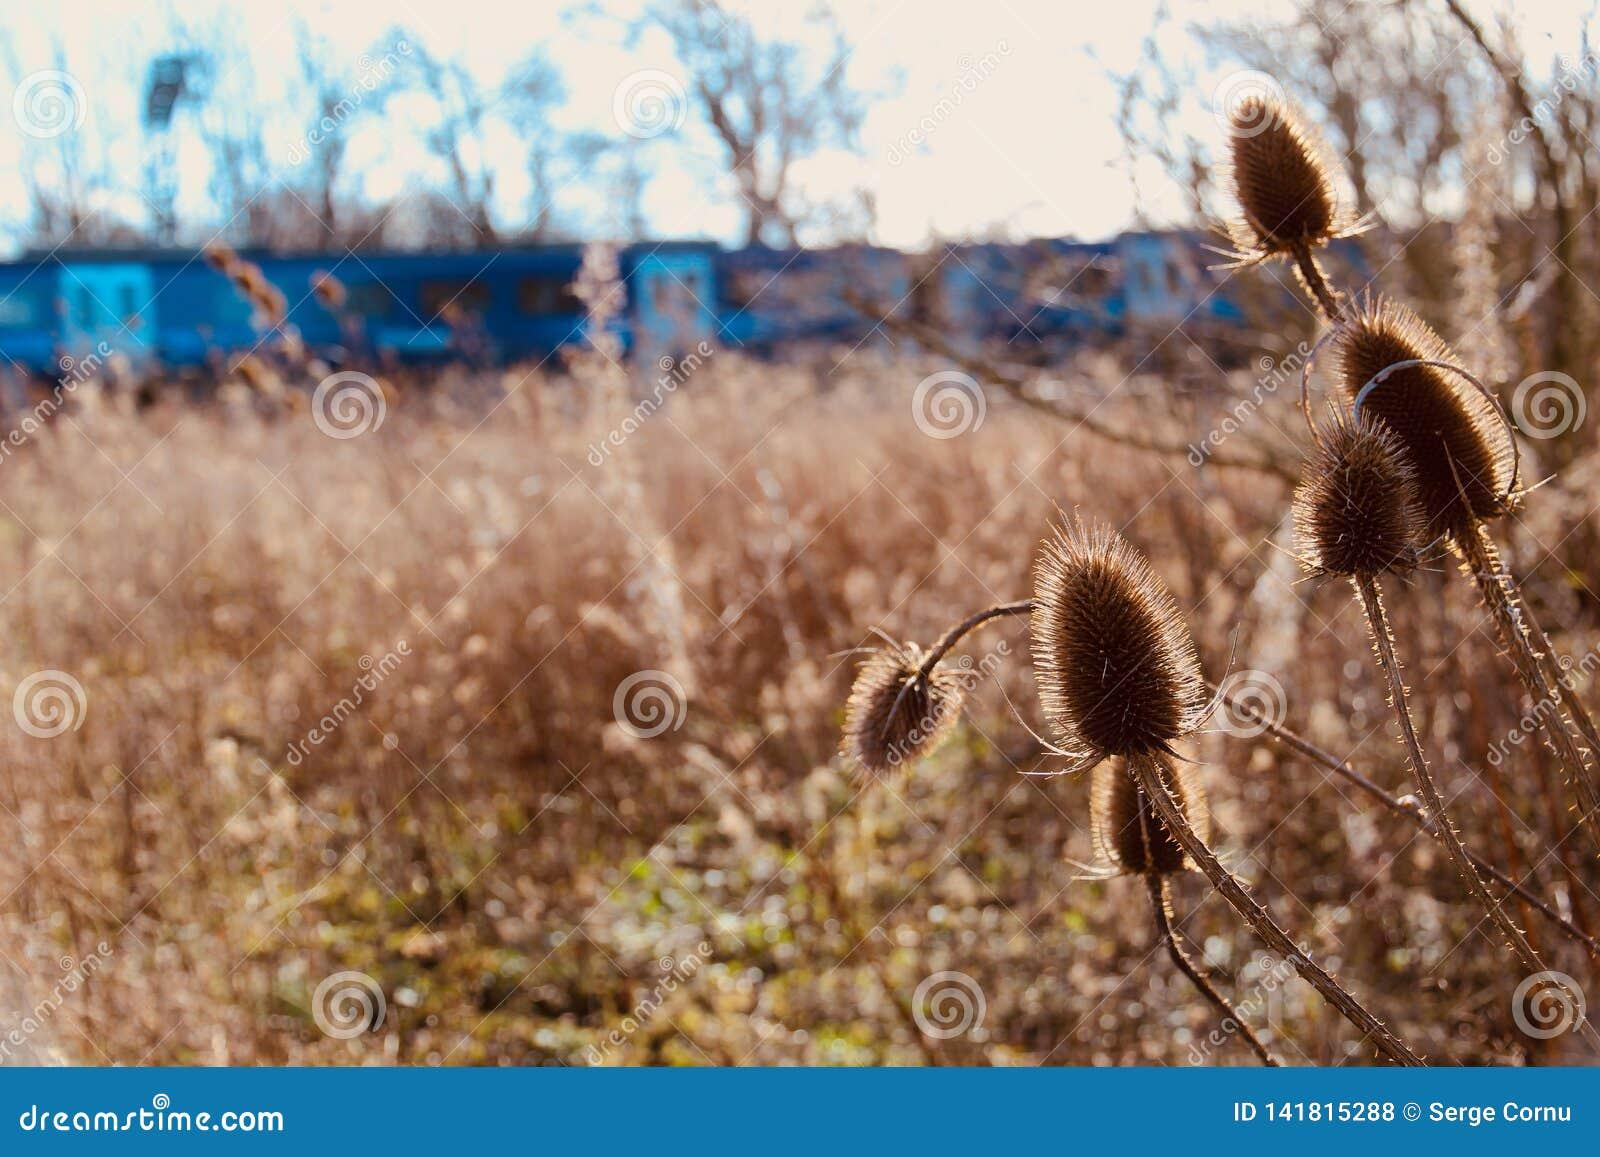 关闭在Blurred狂放的草甸和火车的起毛机